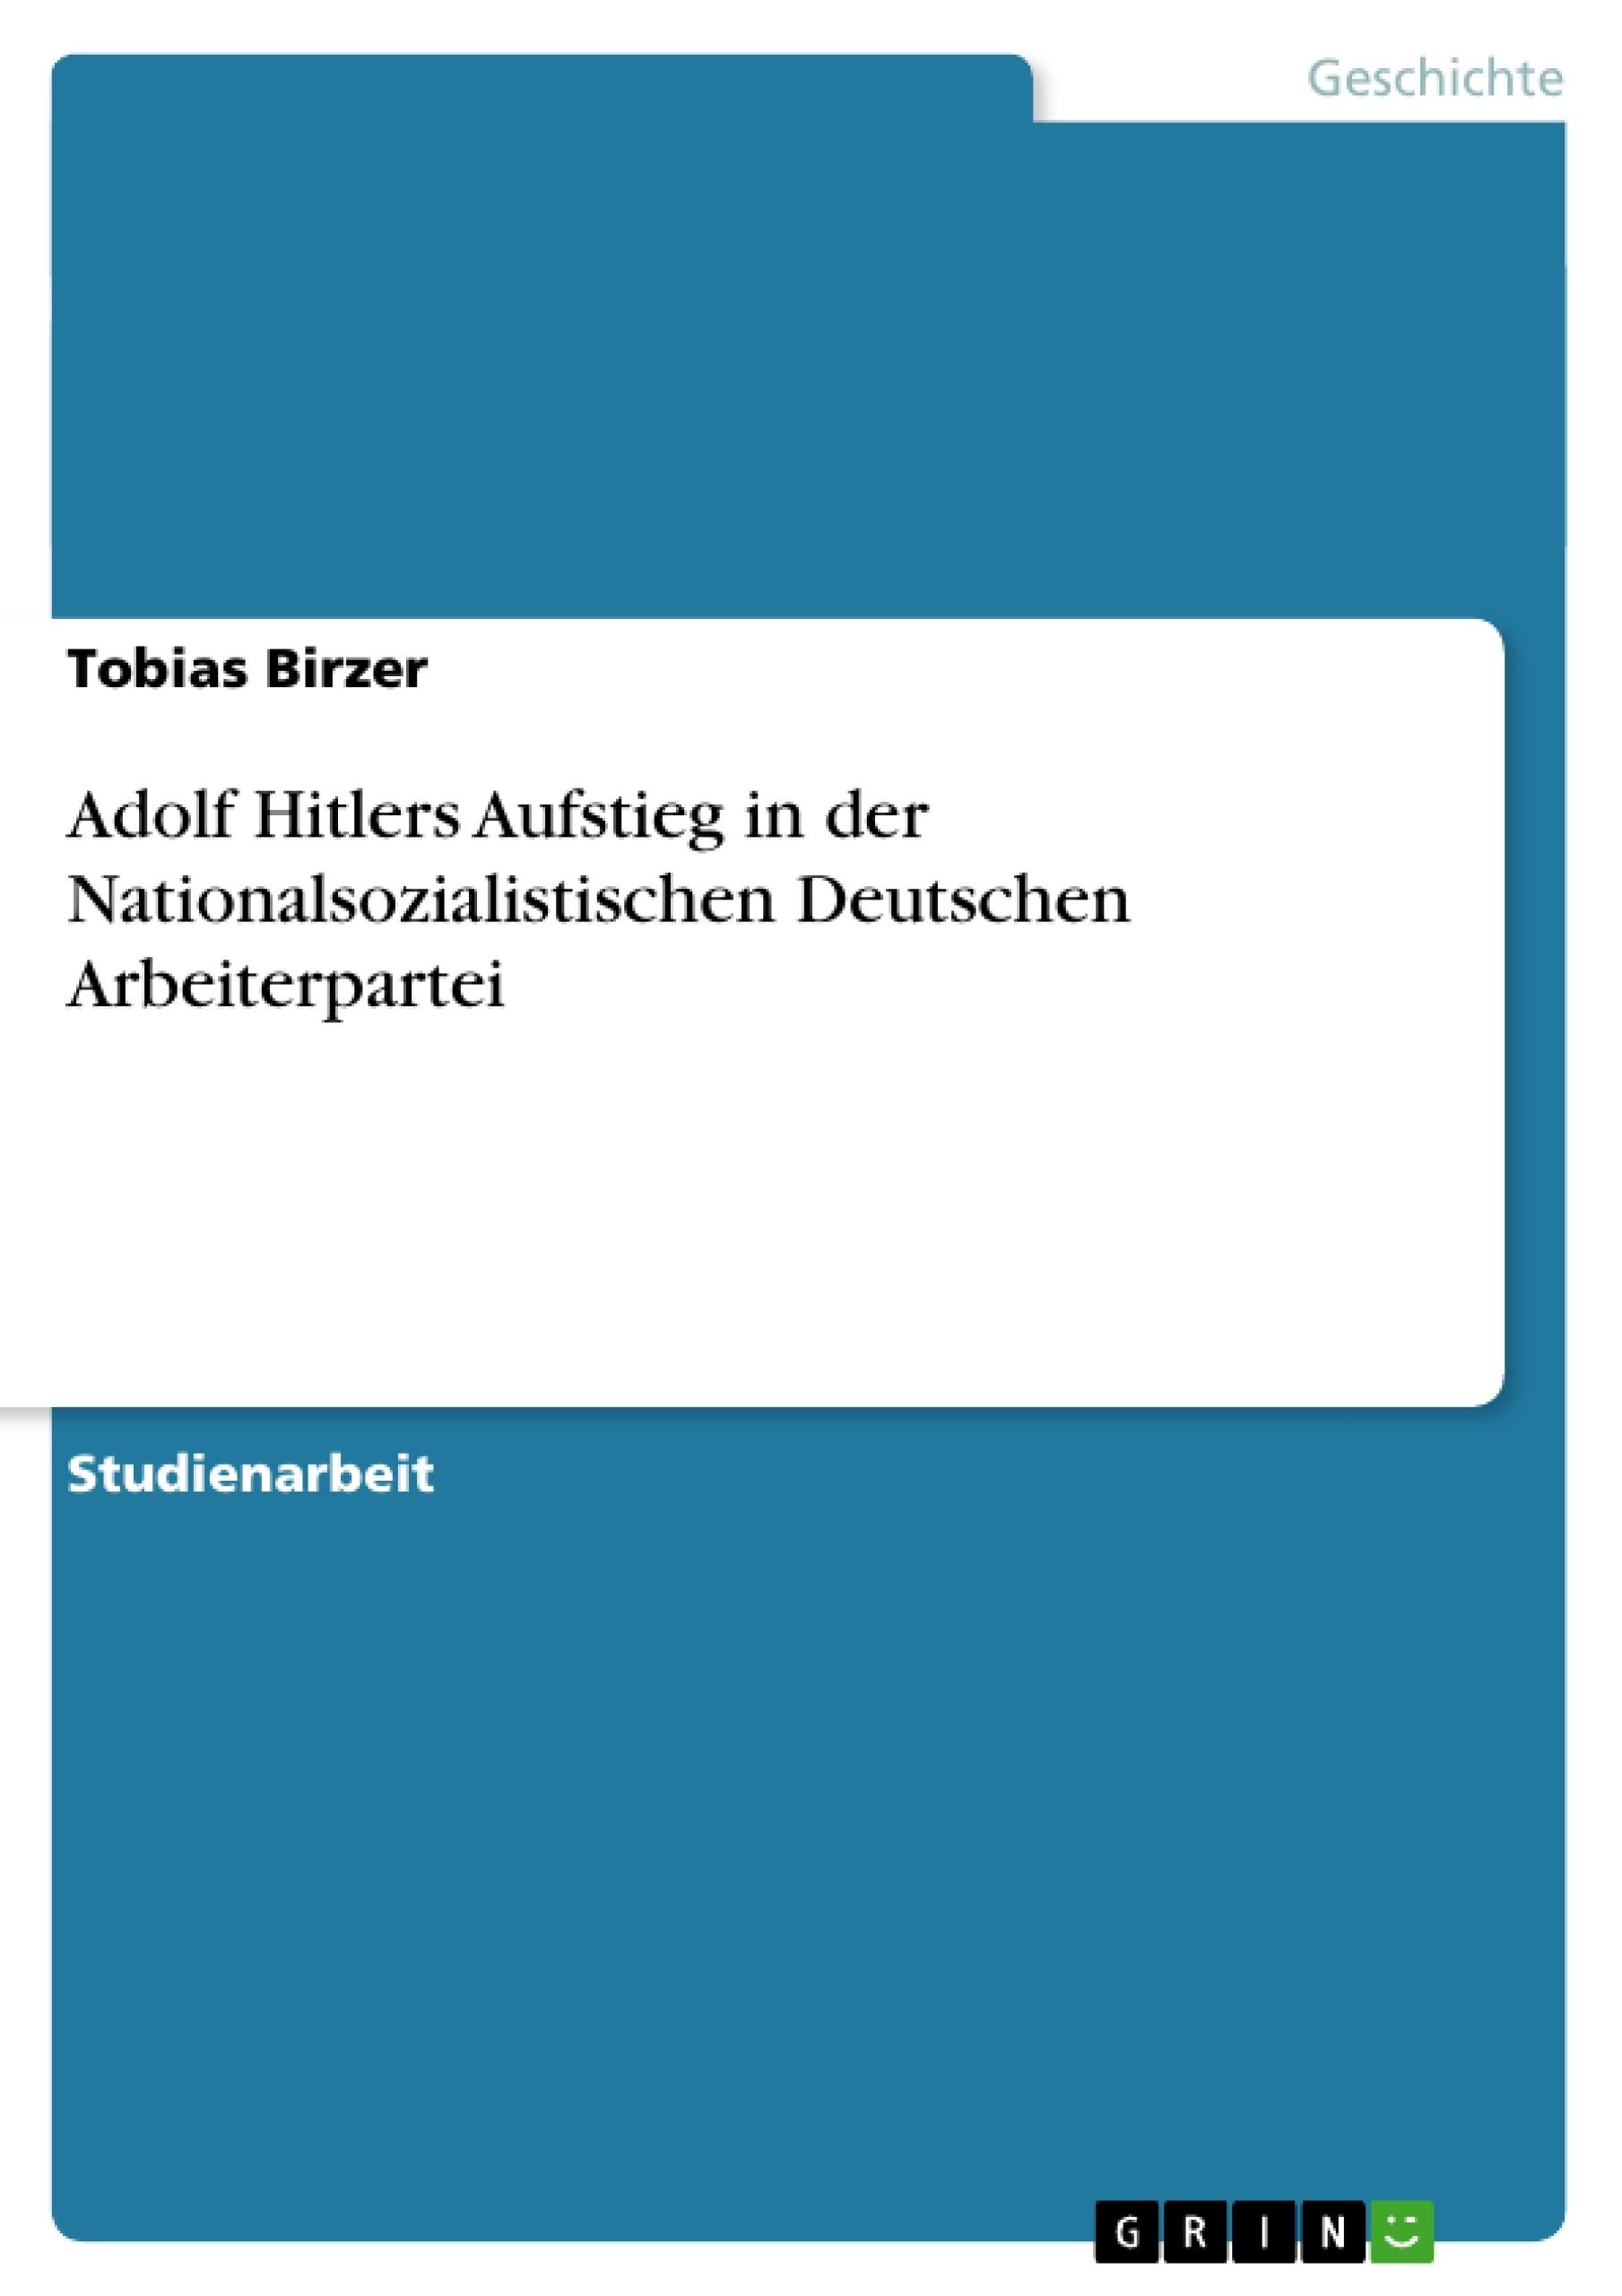 Titel: Adolf Hitlers Aufstieg in der Nationalsozialistischen Deutschen Arbeiterpartei